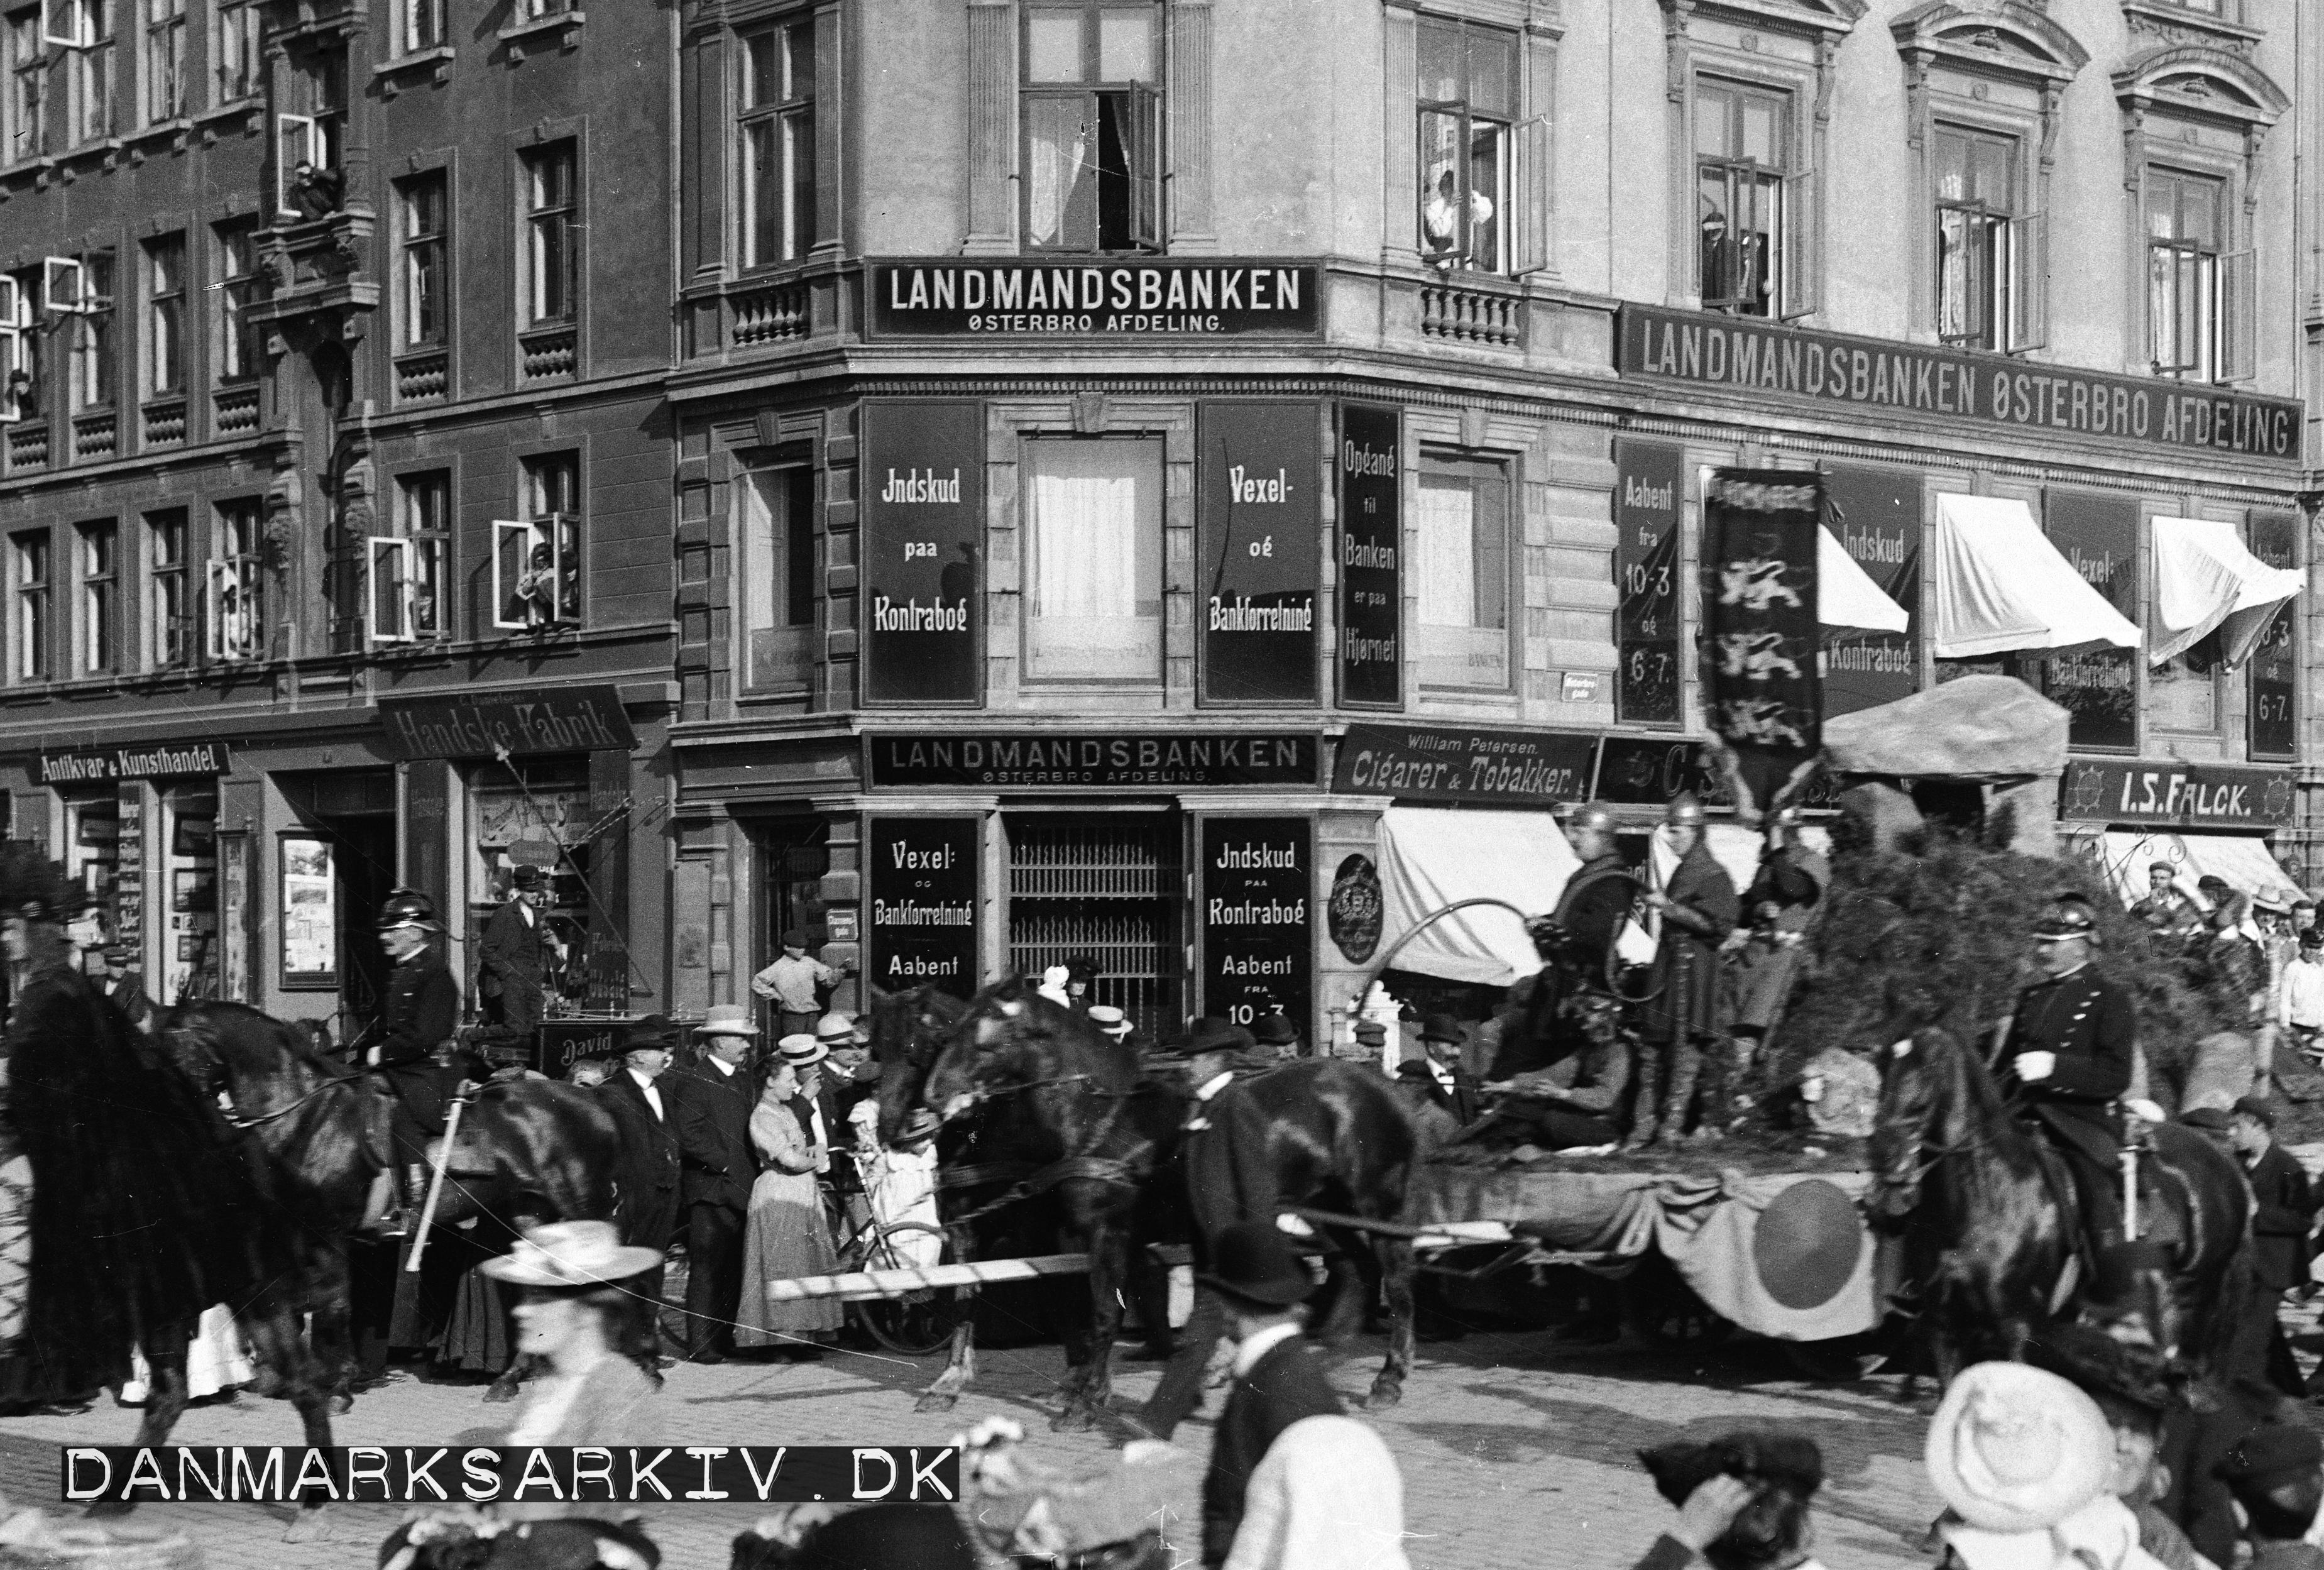 Landmandsbanken Østerbro - ca. 1900